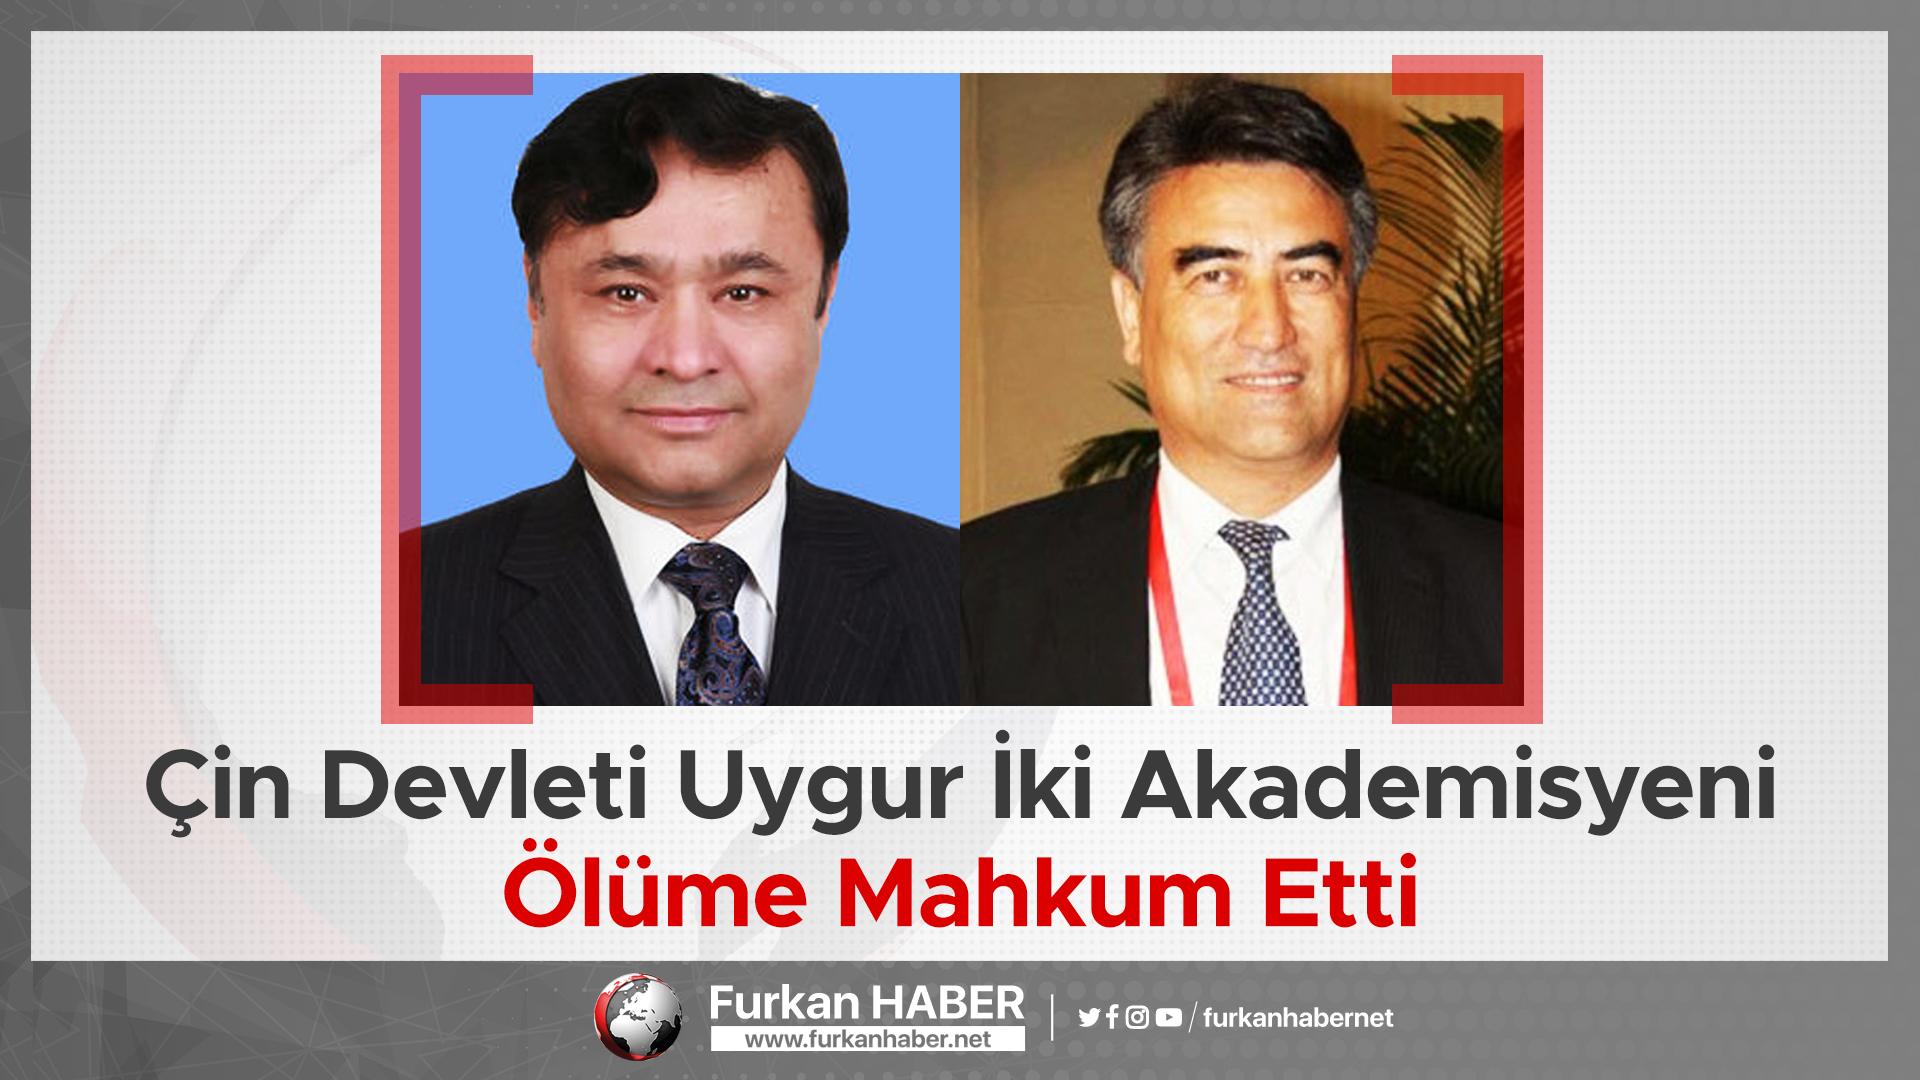 Çin Devleti Uygur İki Akademisyeni Ölüme Mahkum Etti